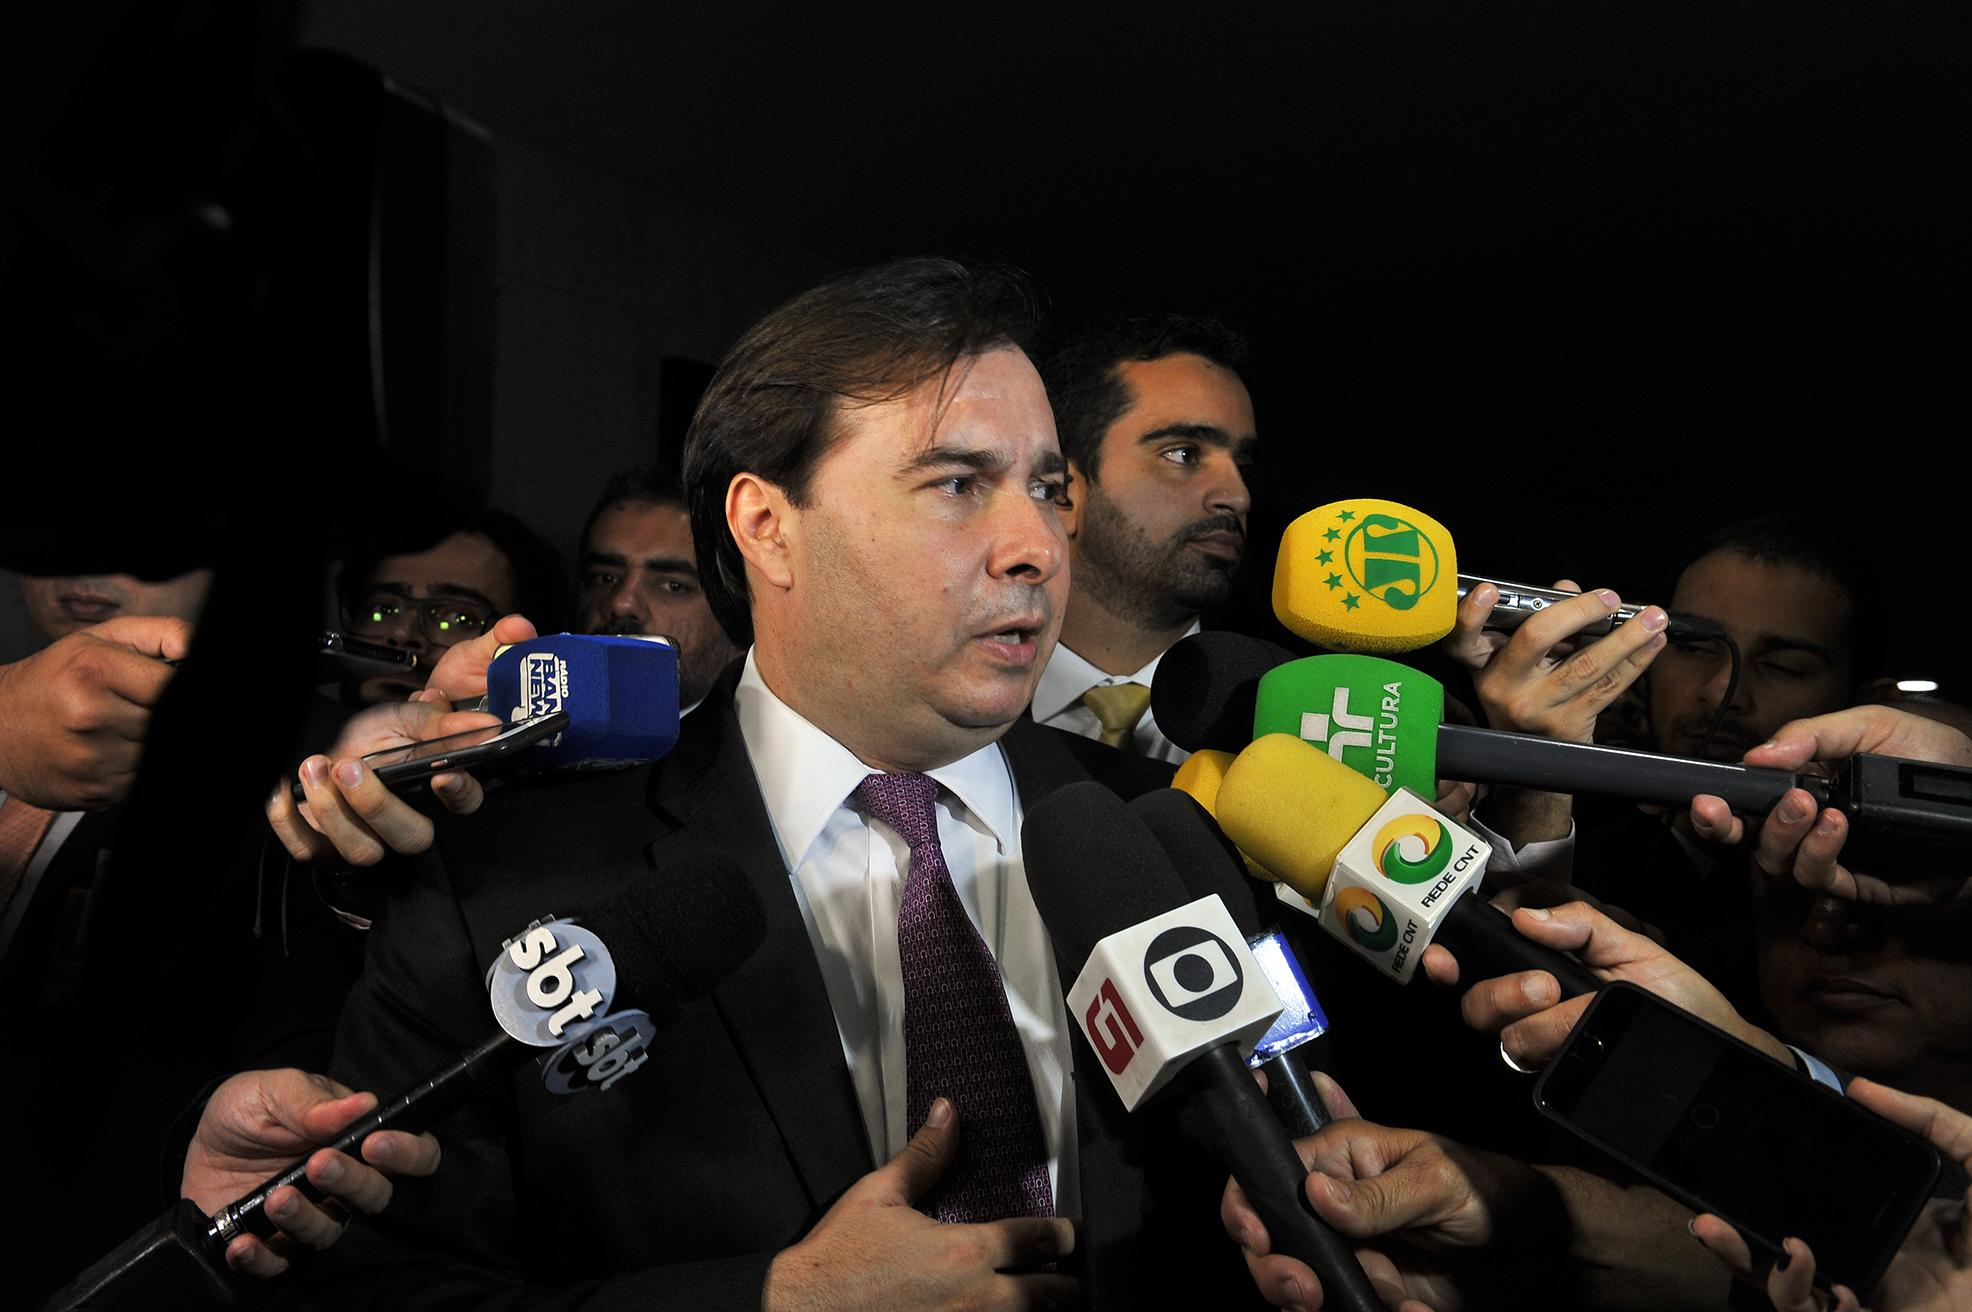 Entrevista com o presidente da Câmara dos Deputados, dep. Rodrigo Maia.